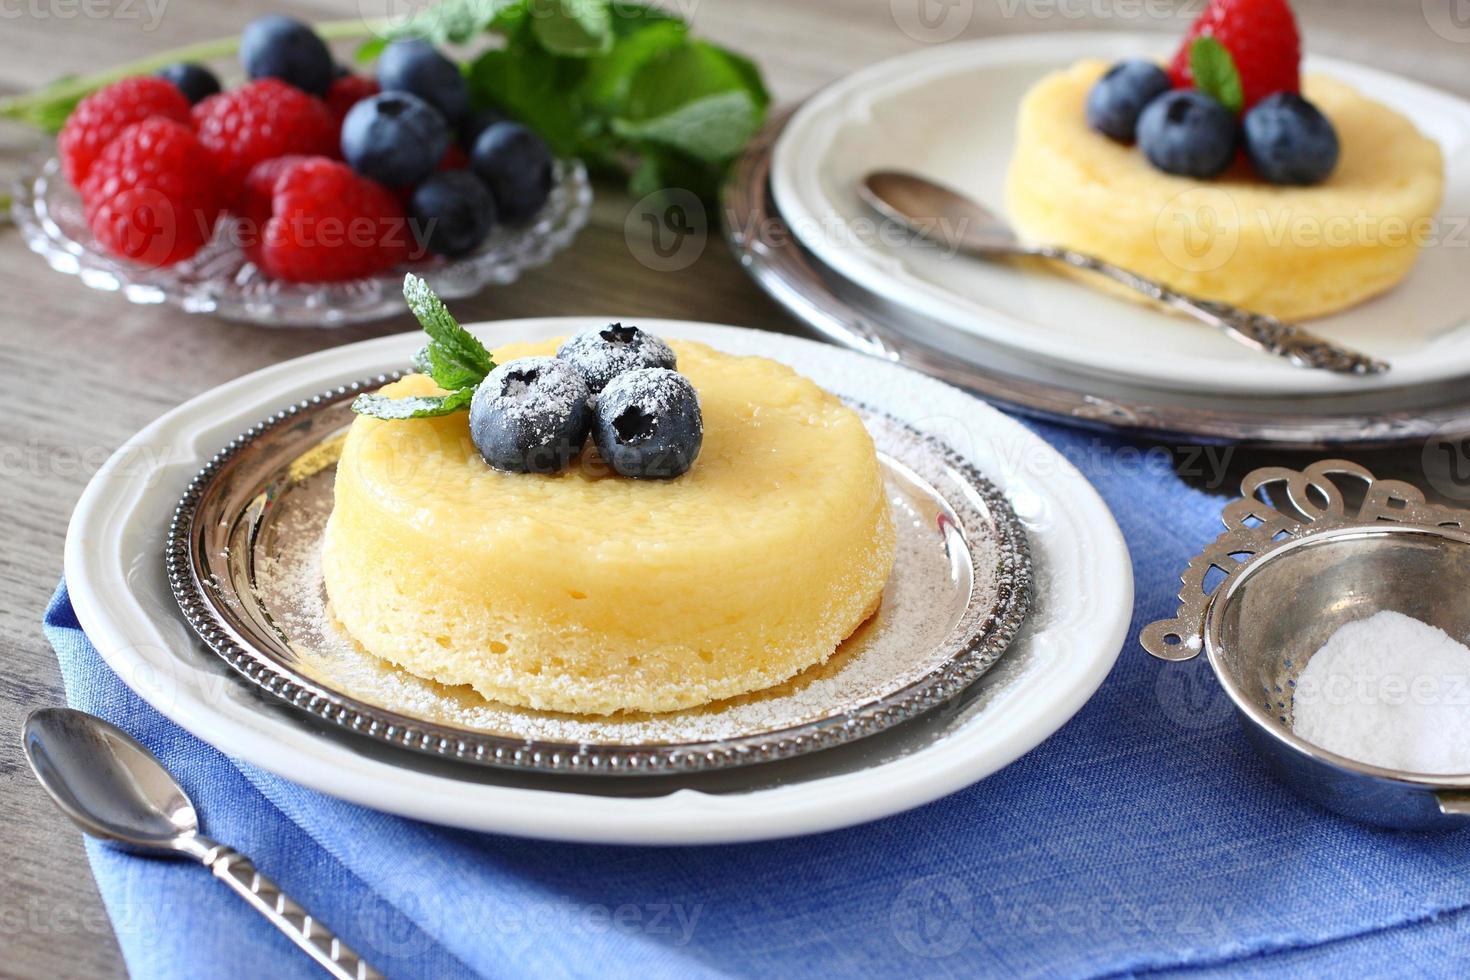 délicieux gâteau au pouding au citron servi avec des baies photo